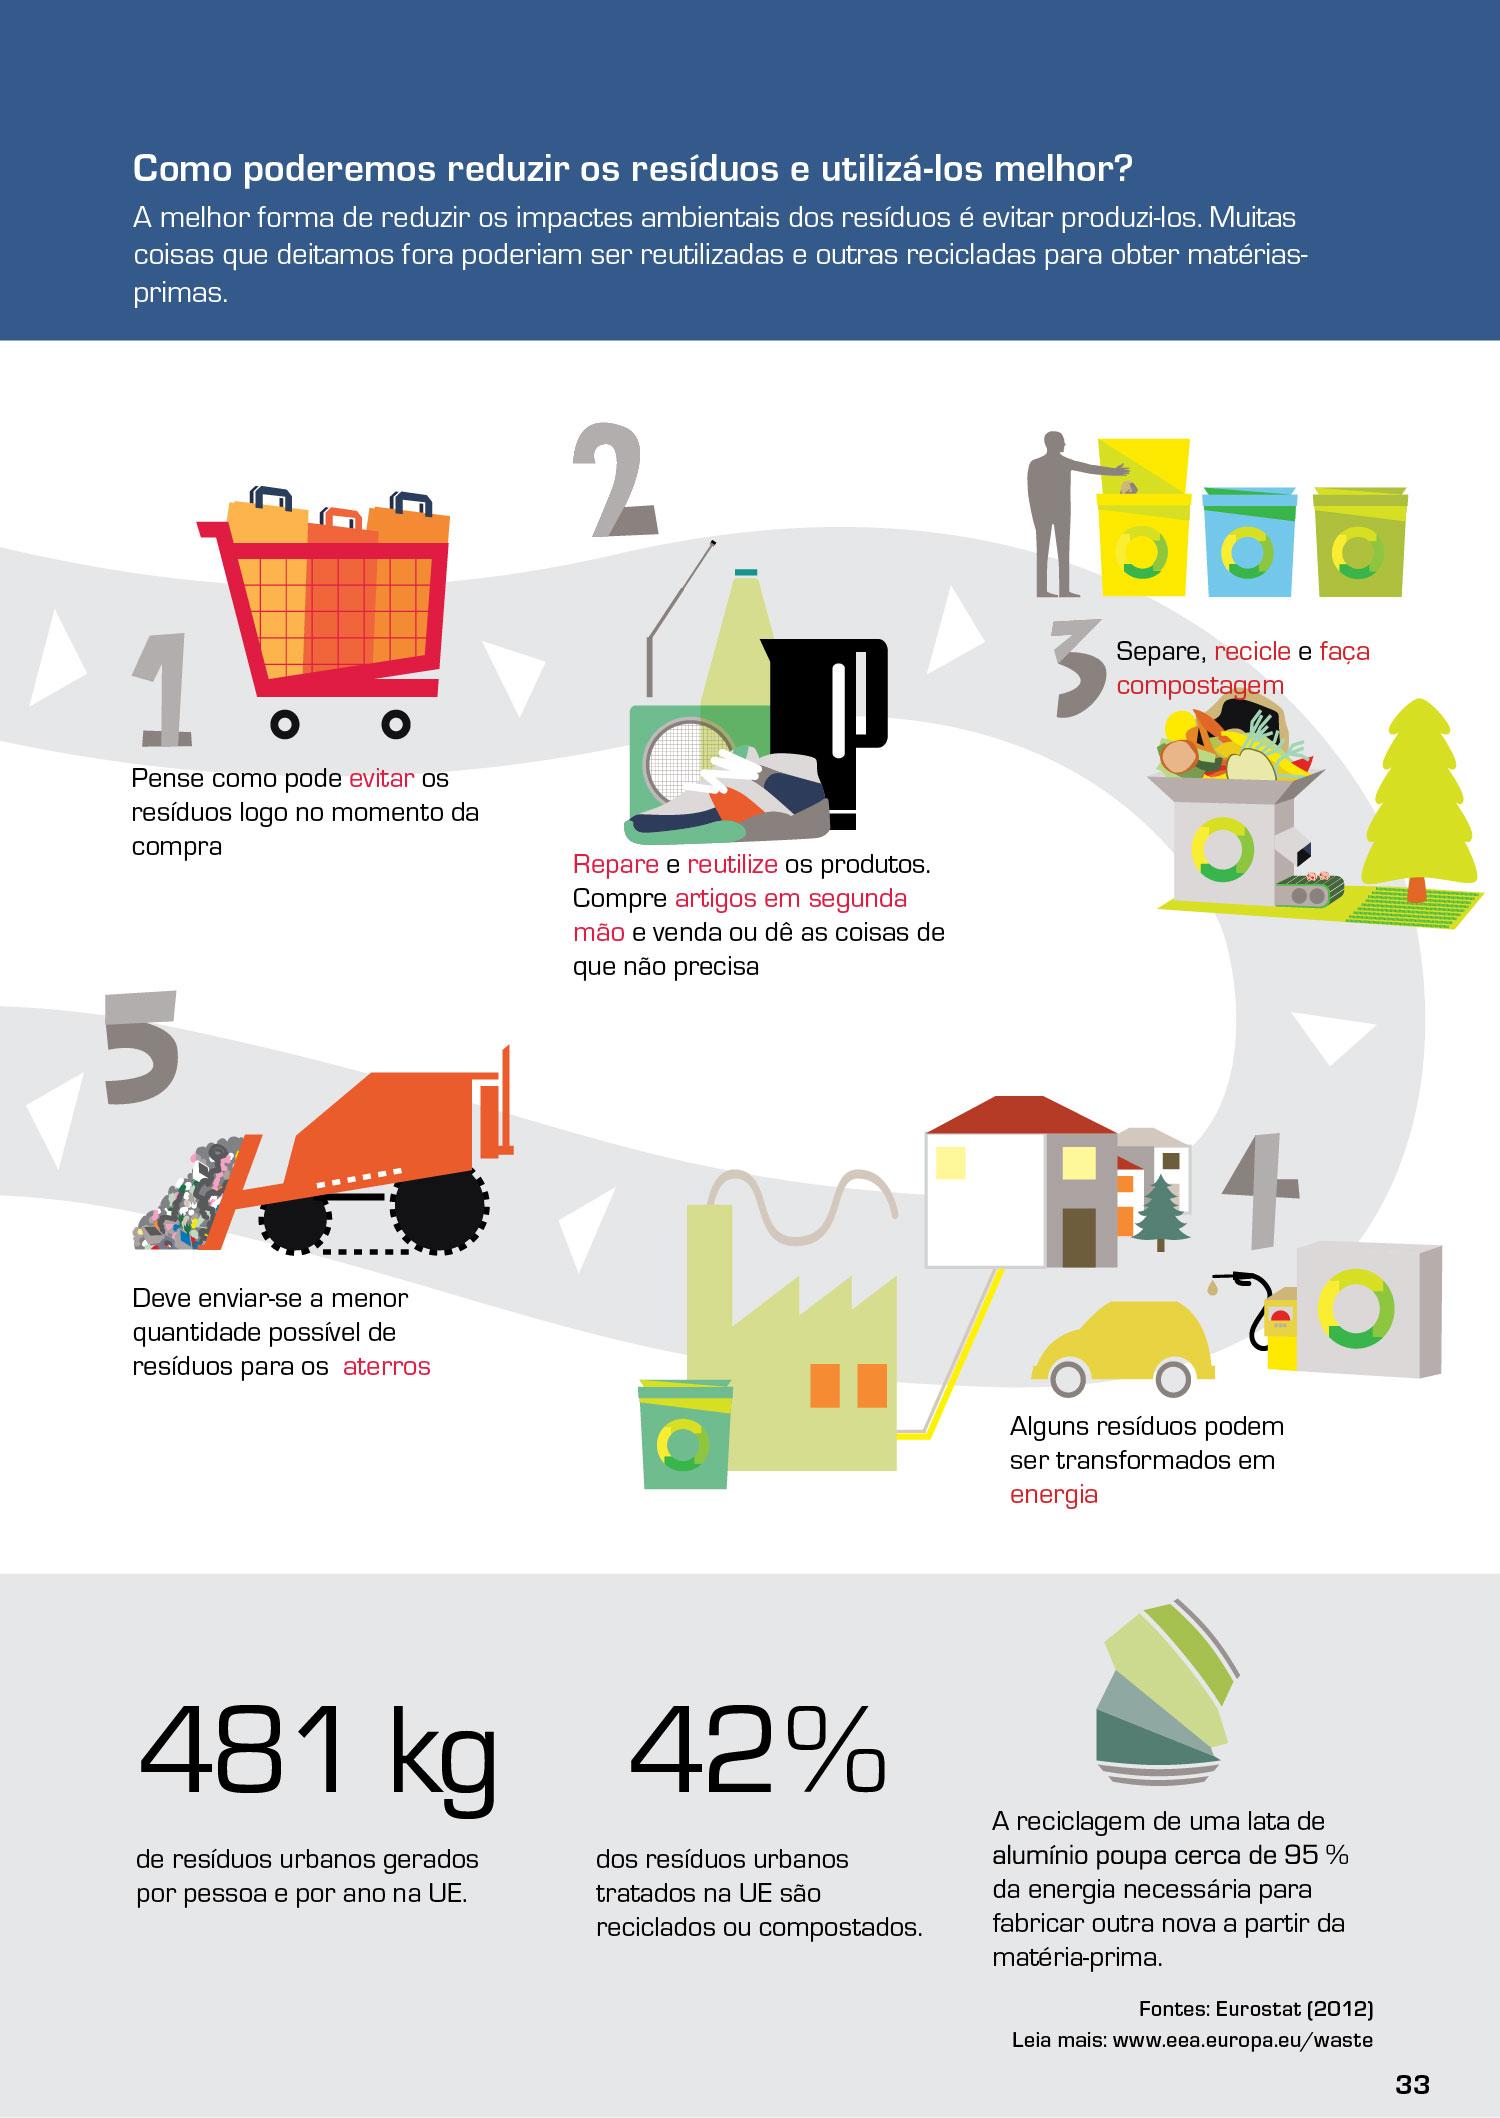 Como poderemos reduzir os resíduos e utilizá-los melhor?